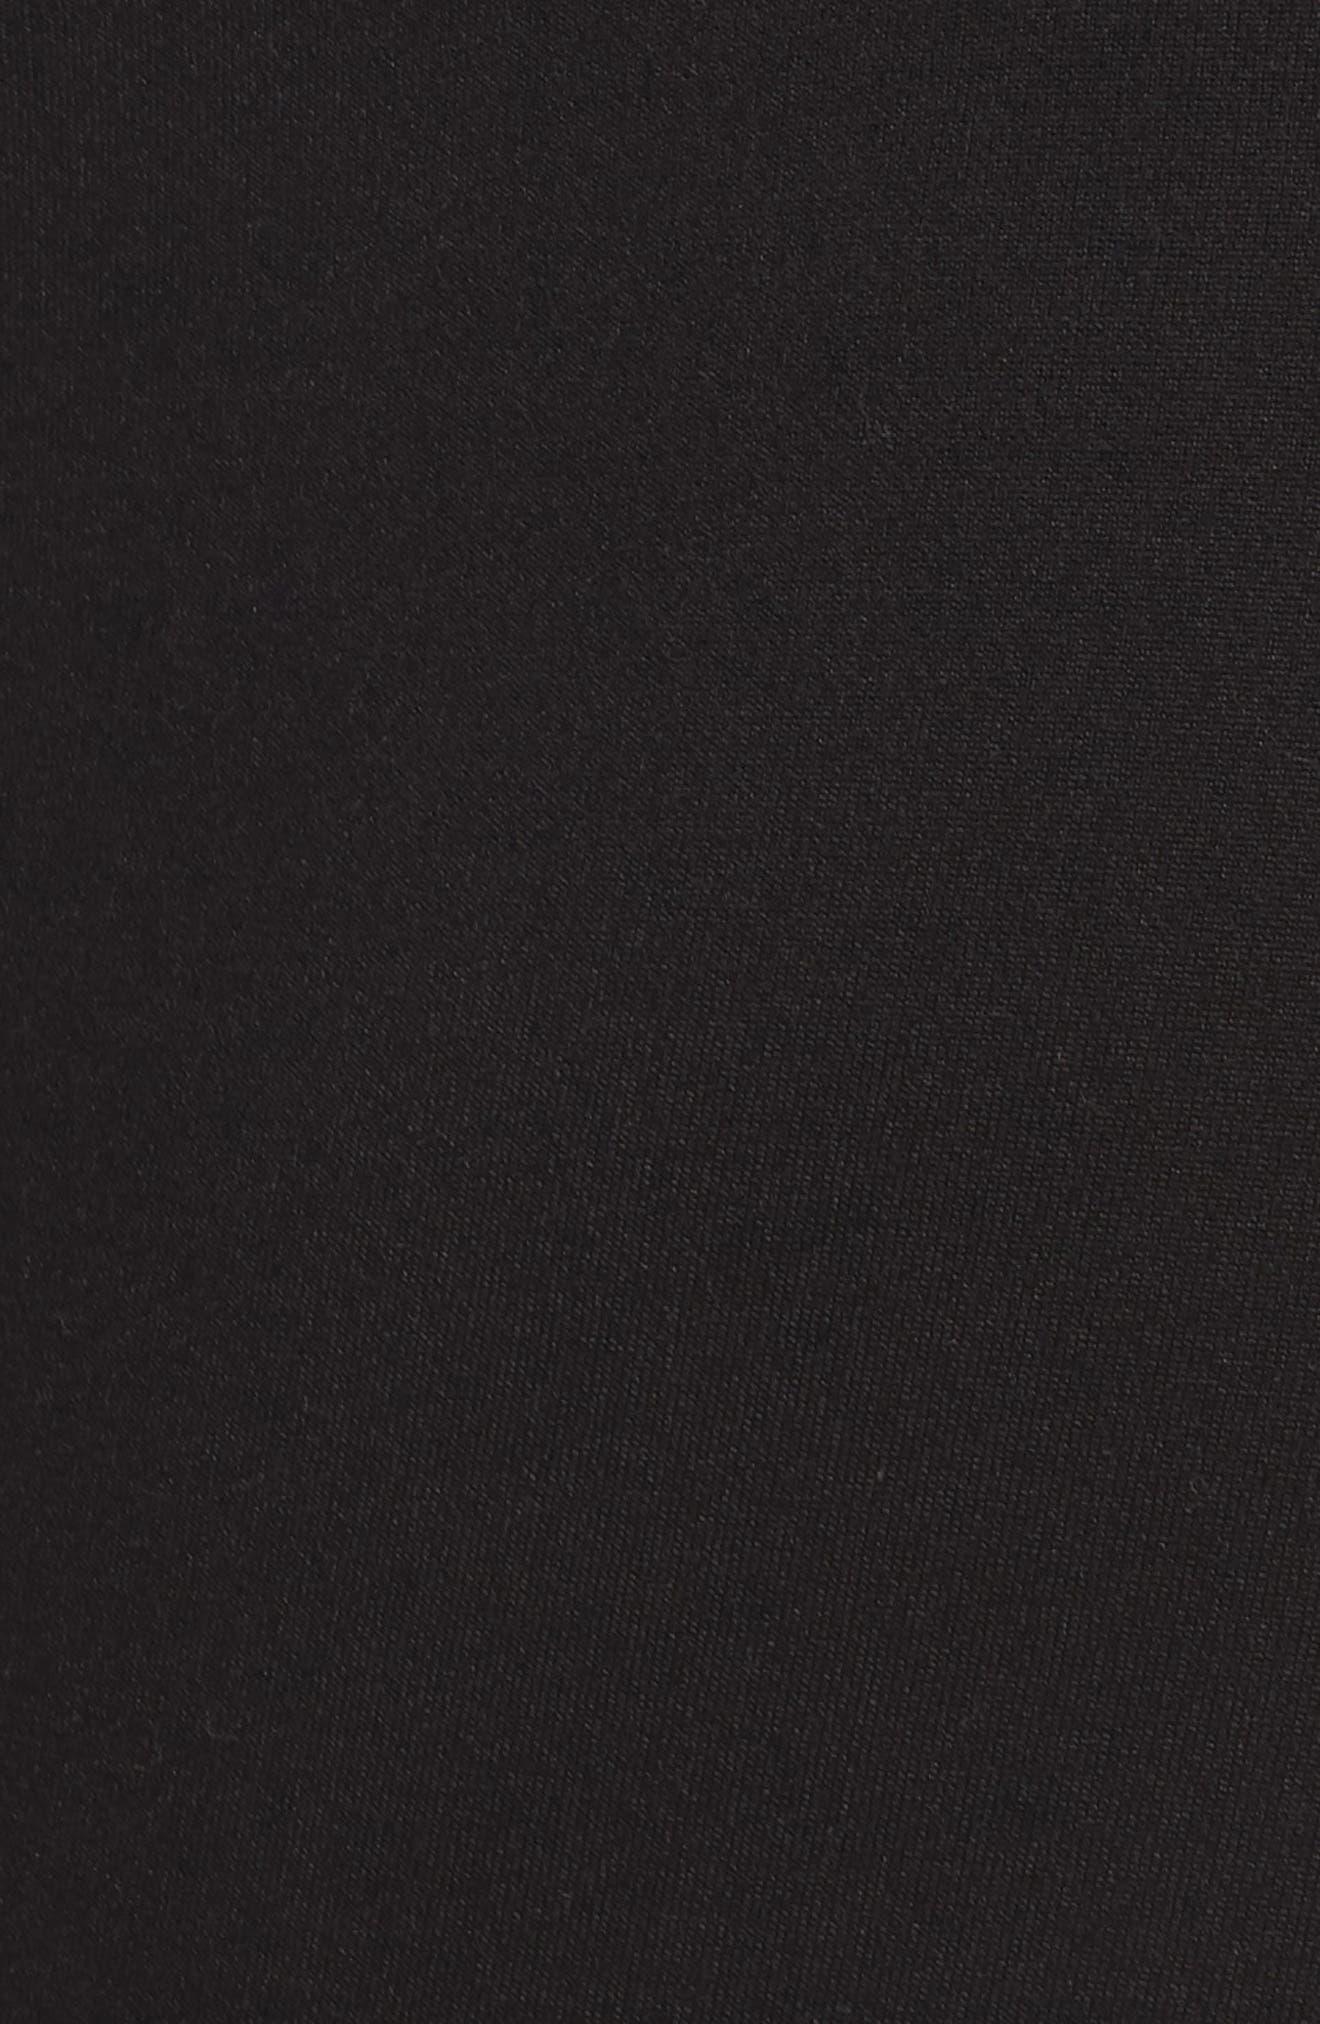 Live In Midi Leggings,                             Alternate thumbnail 12, color,                             BLACK